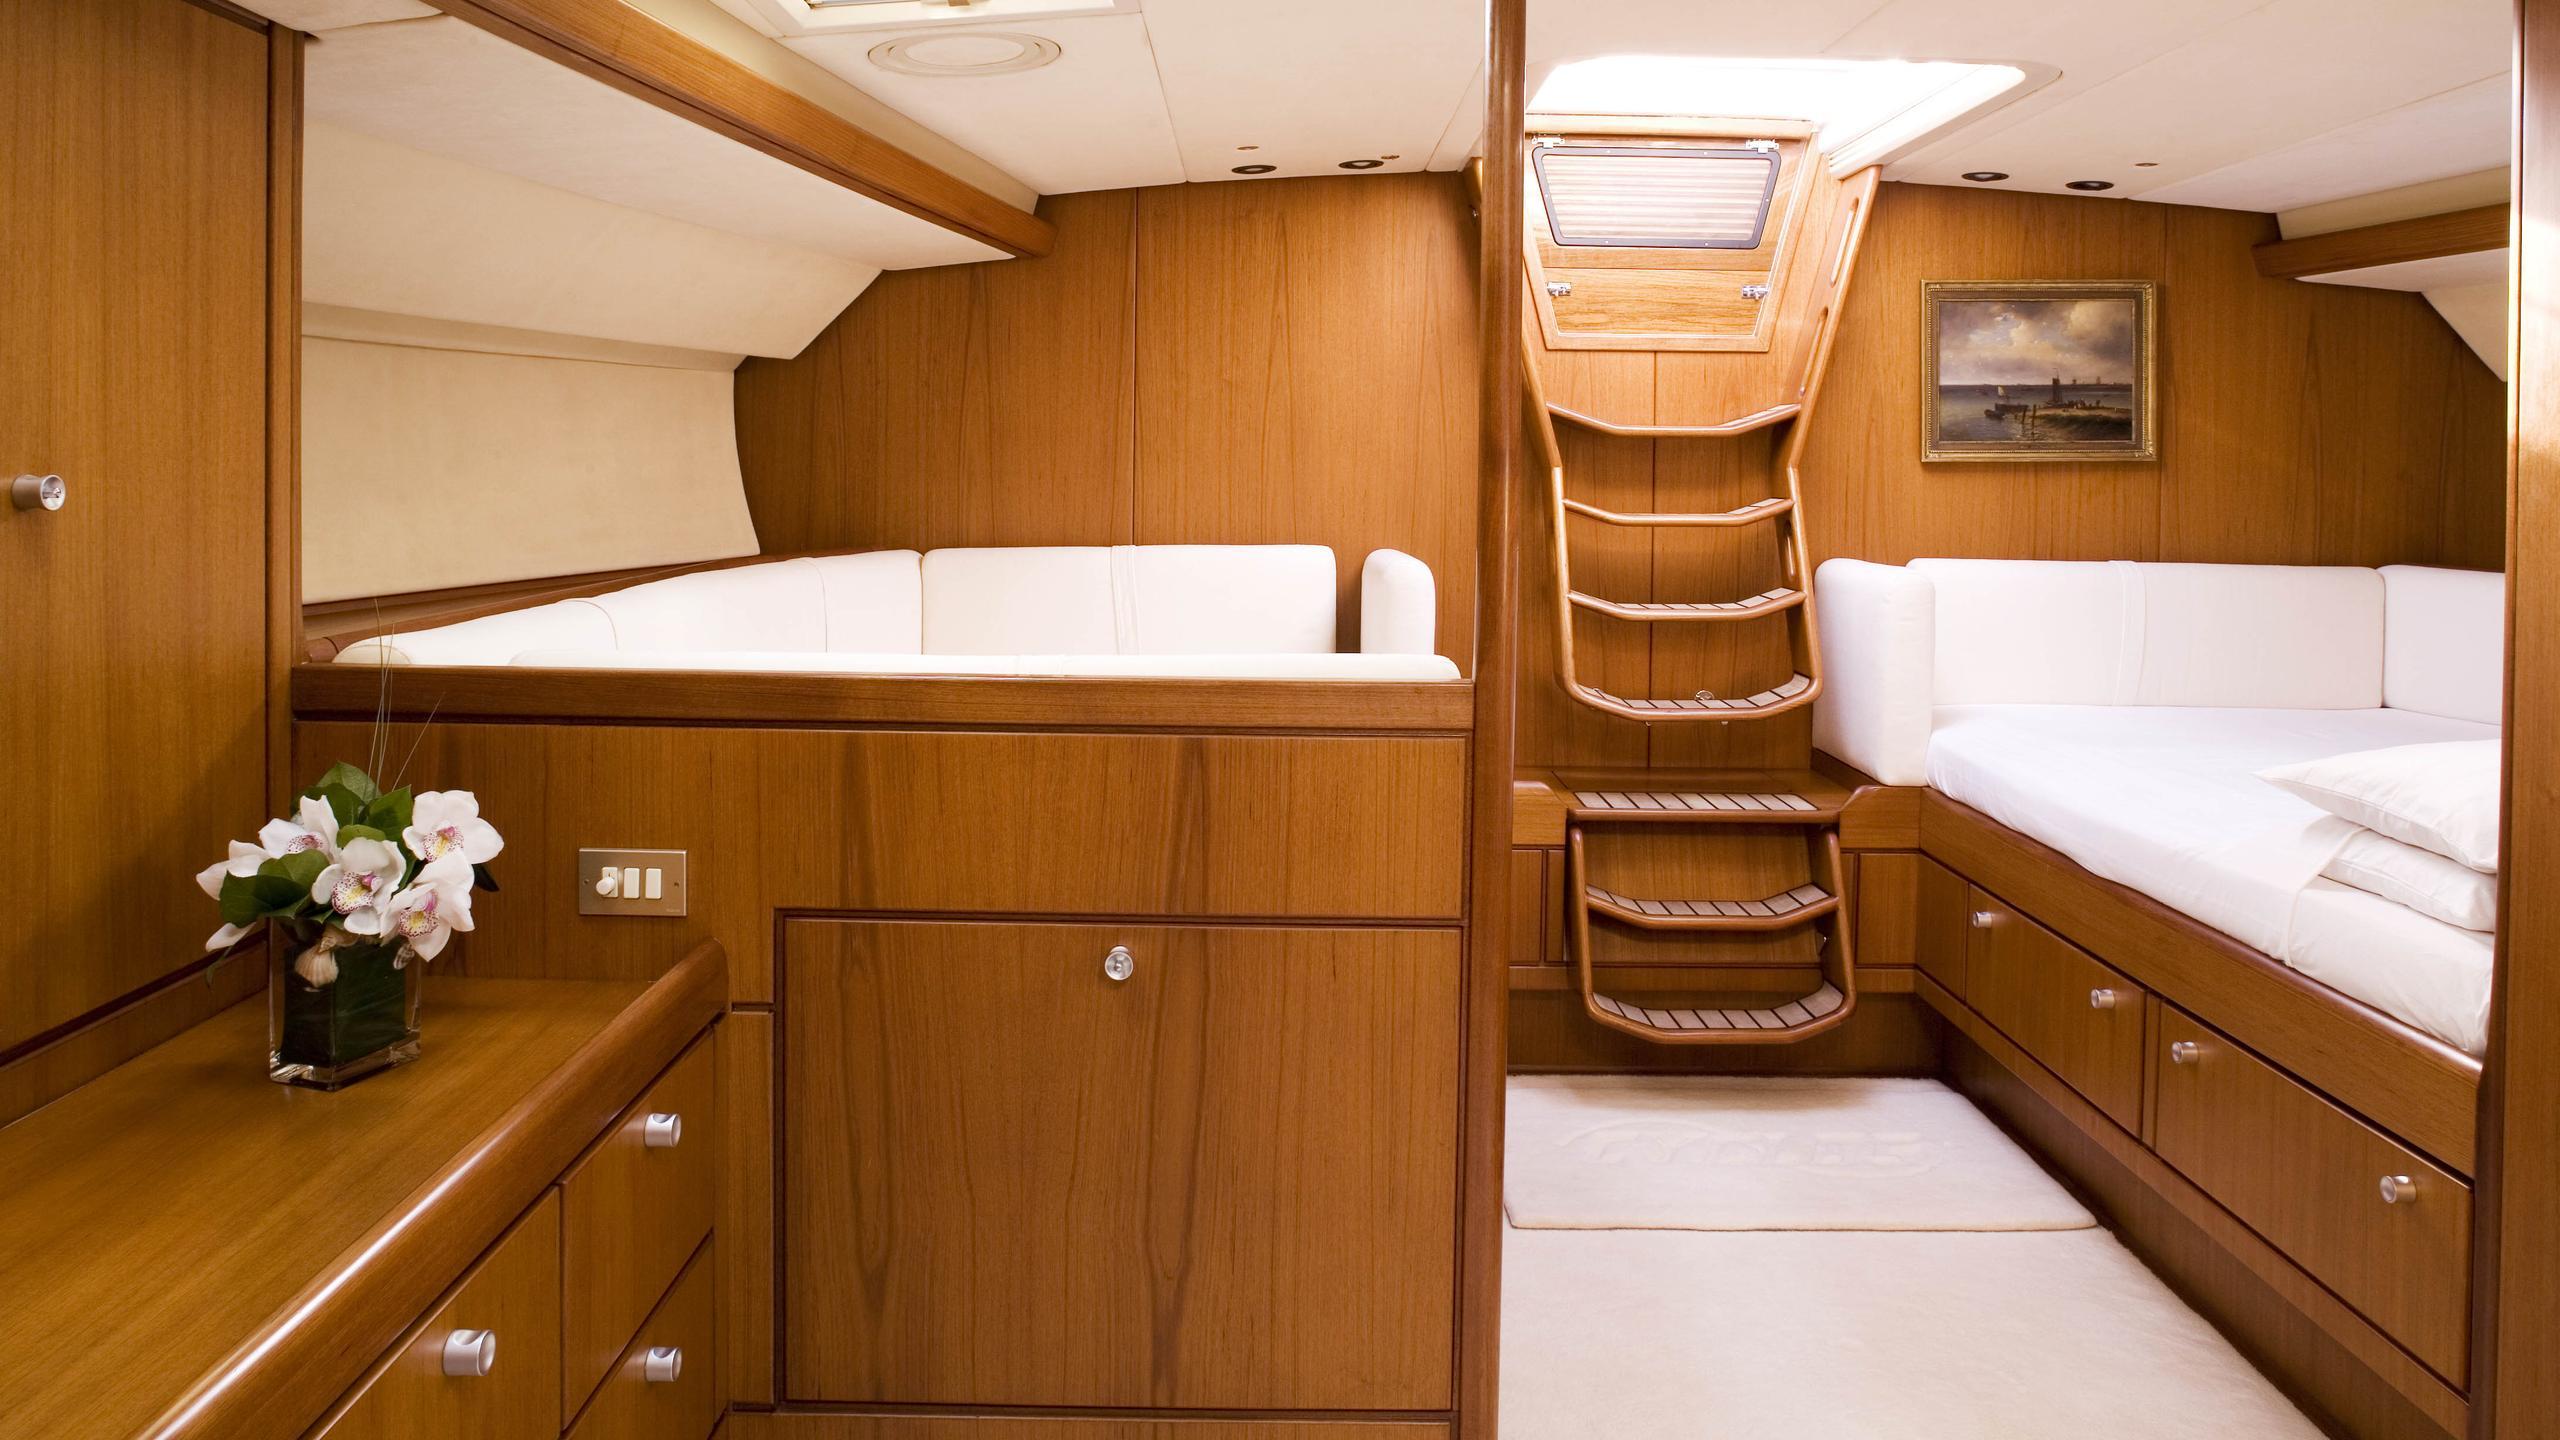 cyclos ii sailing yacht royal huisman 28m 1985 master suite